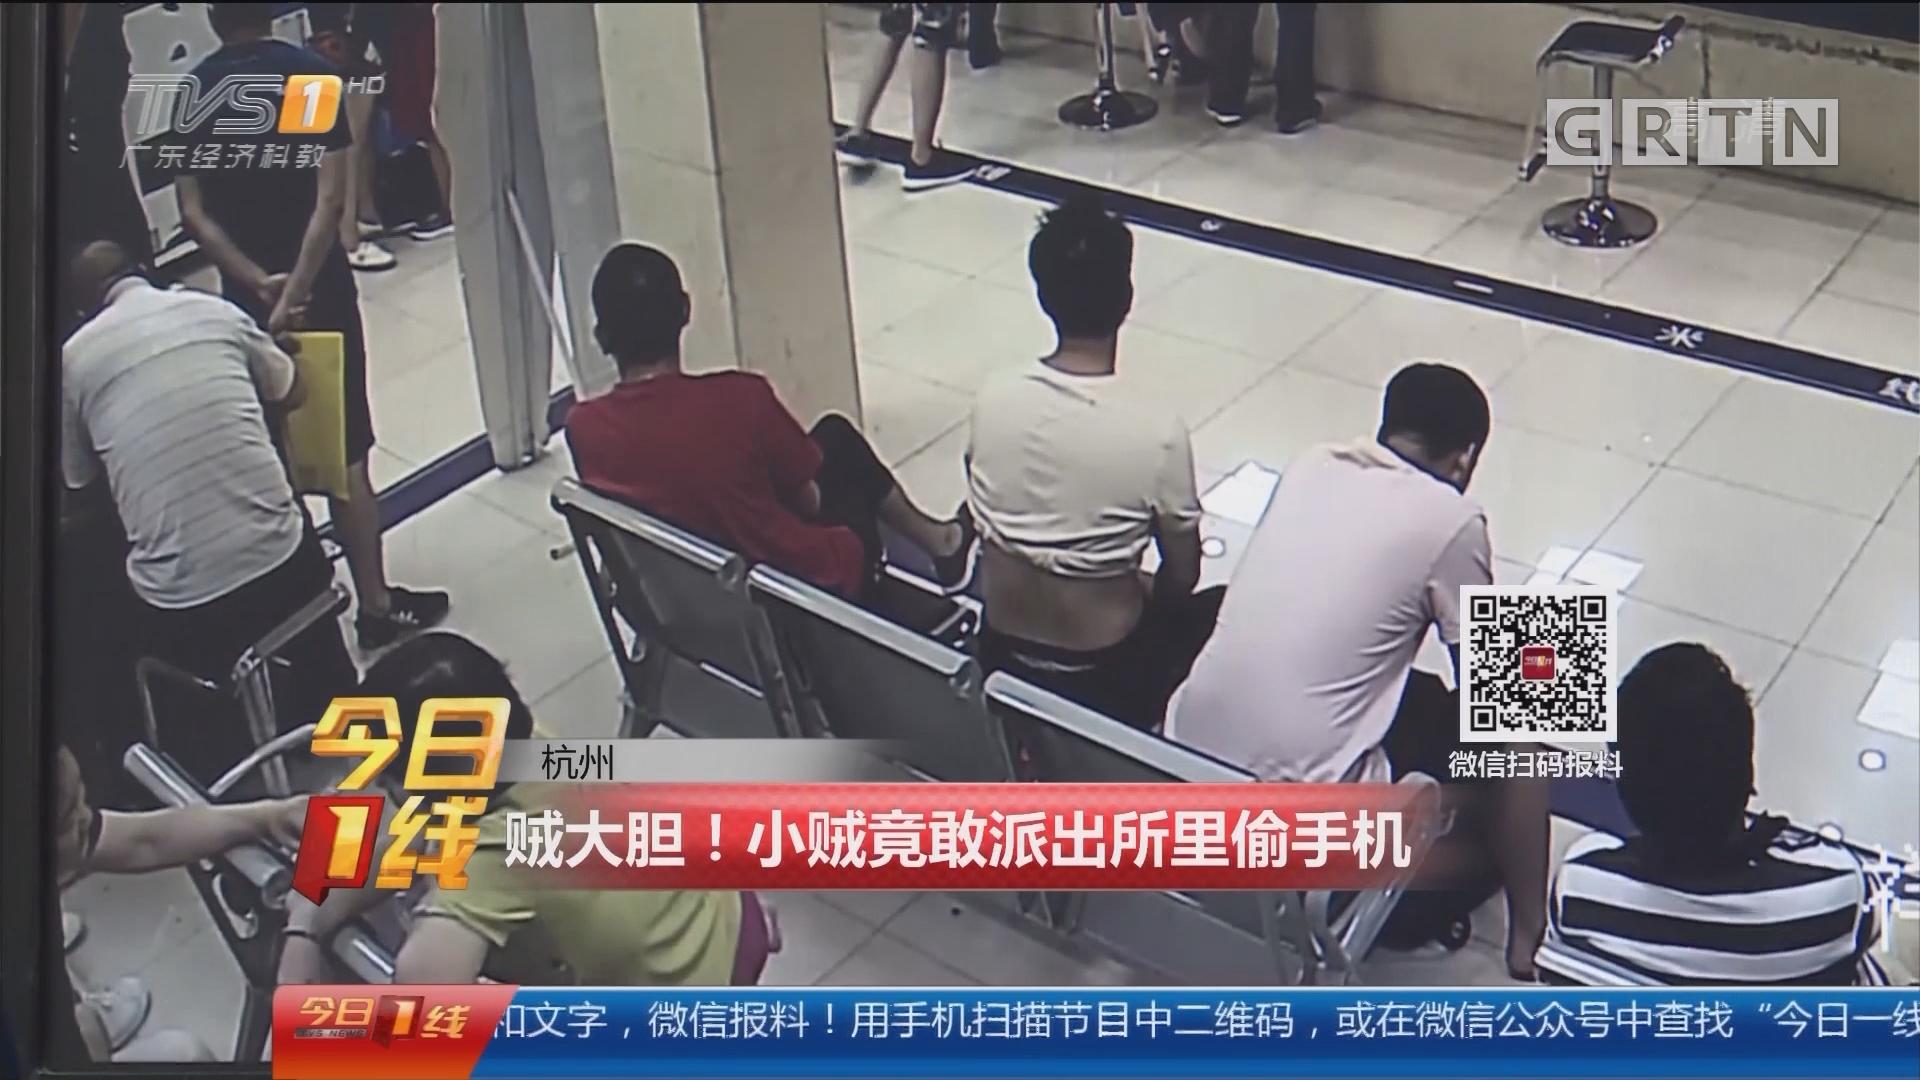 杭州:贼大胆!小贼竟敢派出所里偷手机